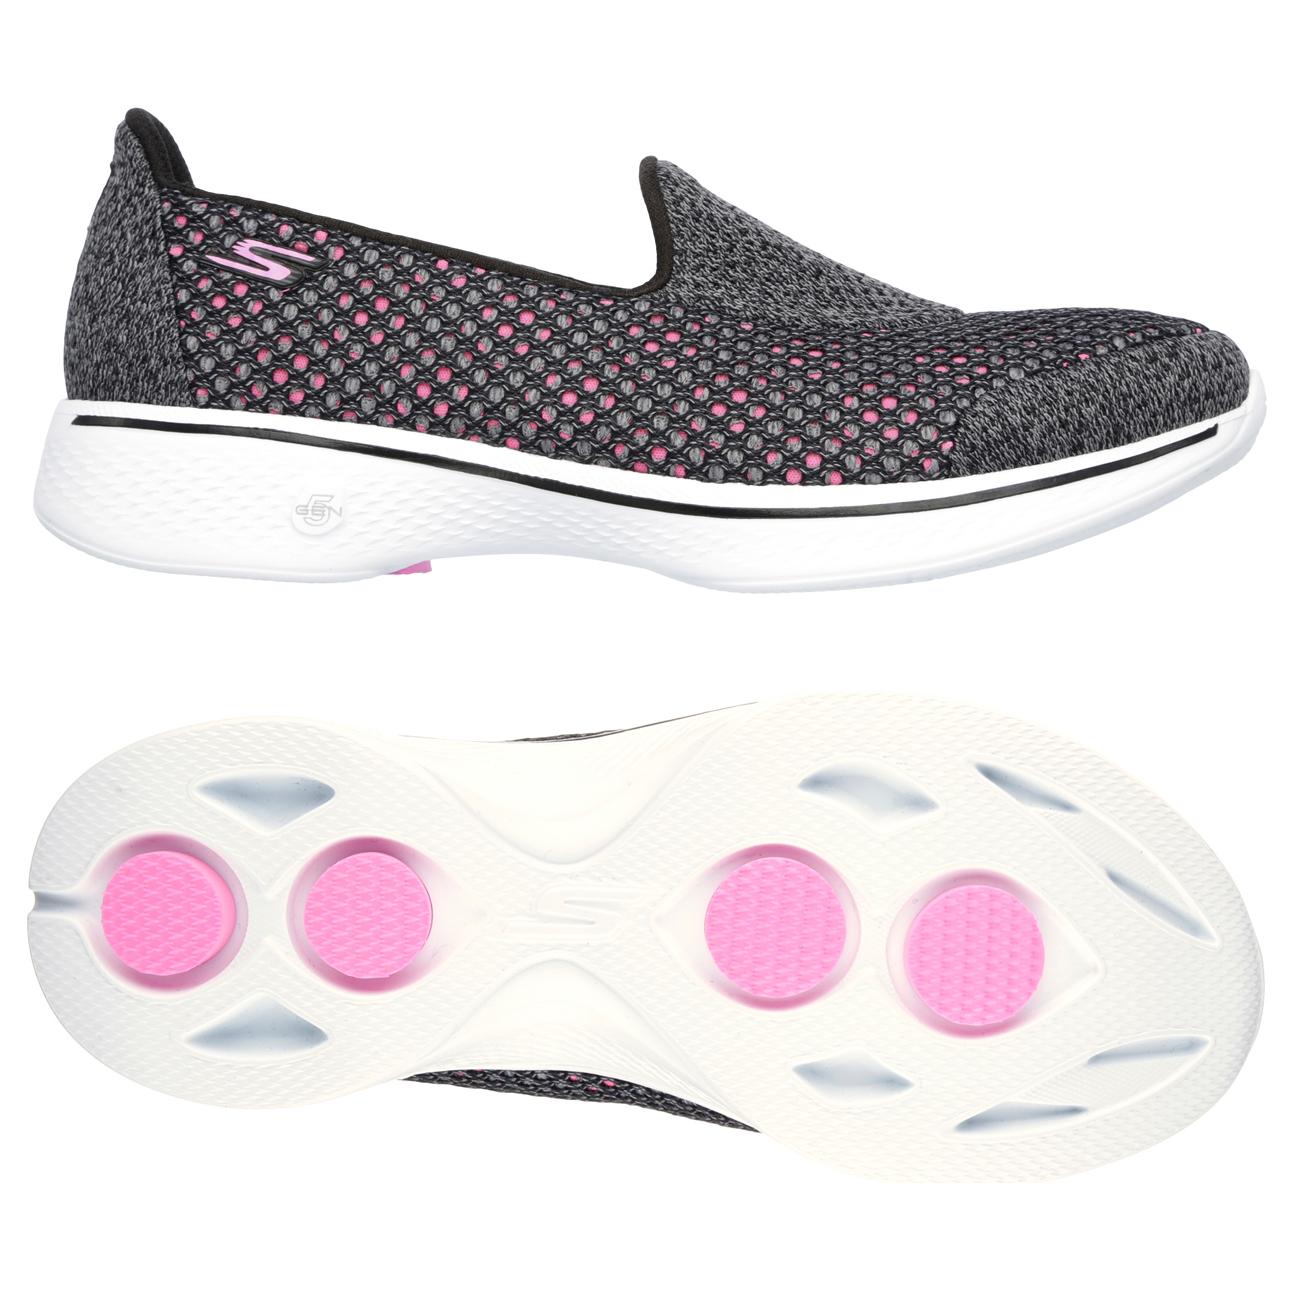 Skechers Go Walk 4 Kindle Ladies Walking Shoes  GreyPink 7.5 UK